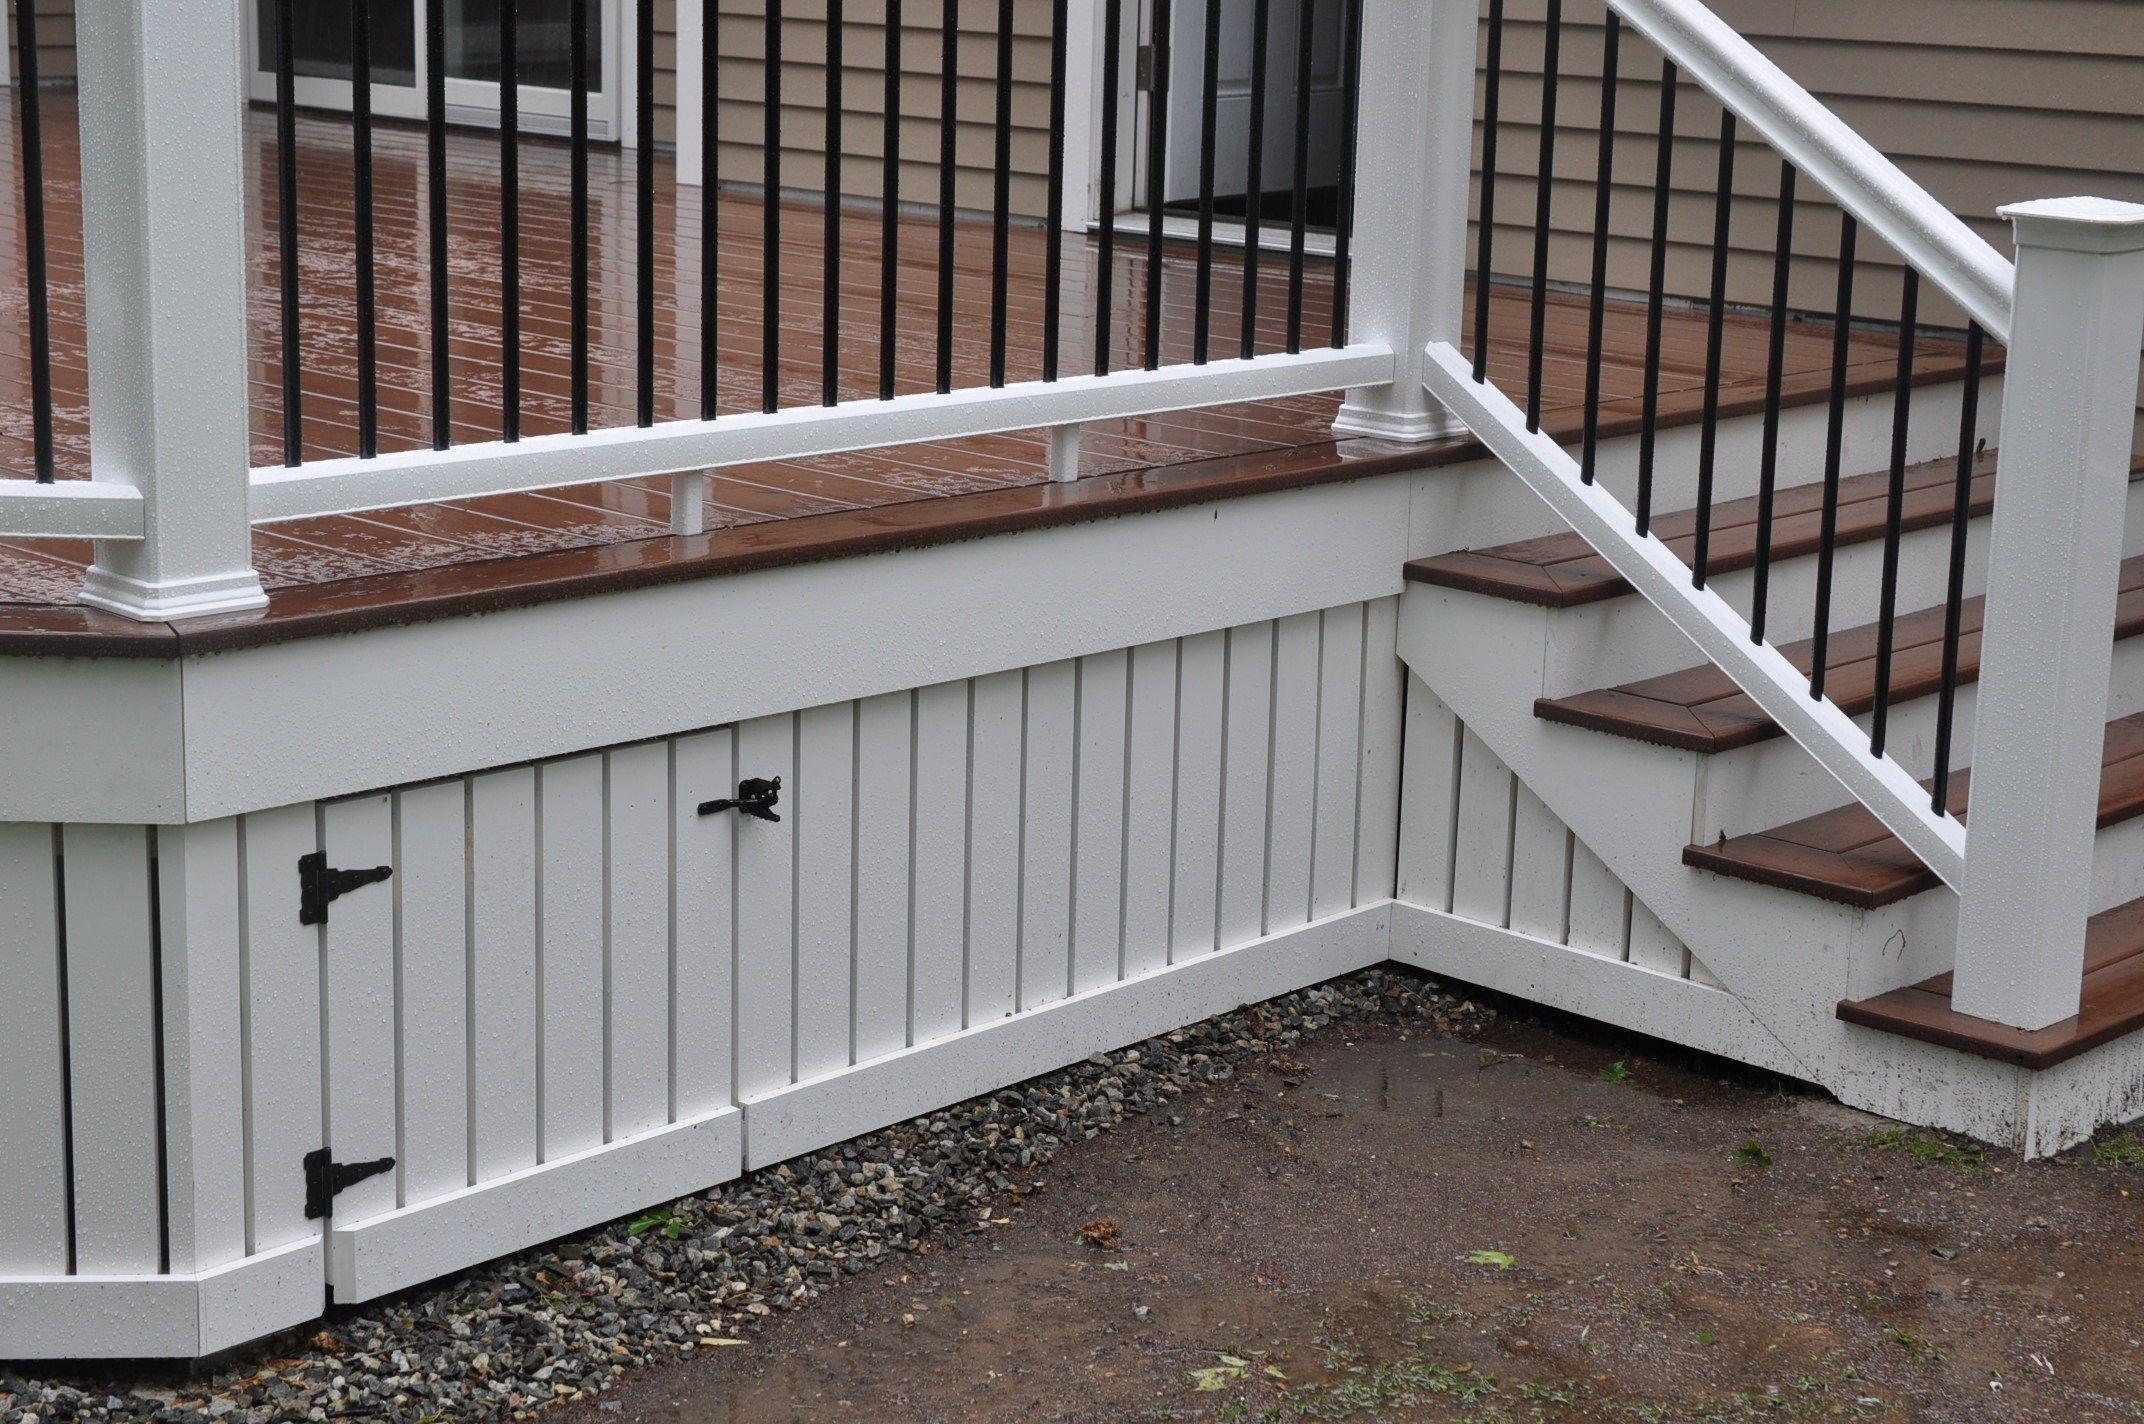 How To Install Deck Skirting Fascia Decks Com Decks Com By Trex